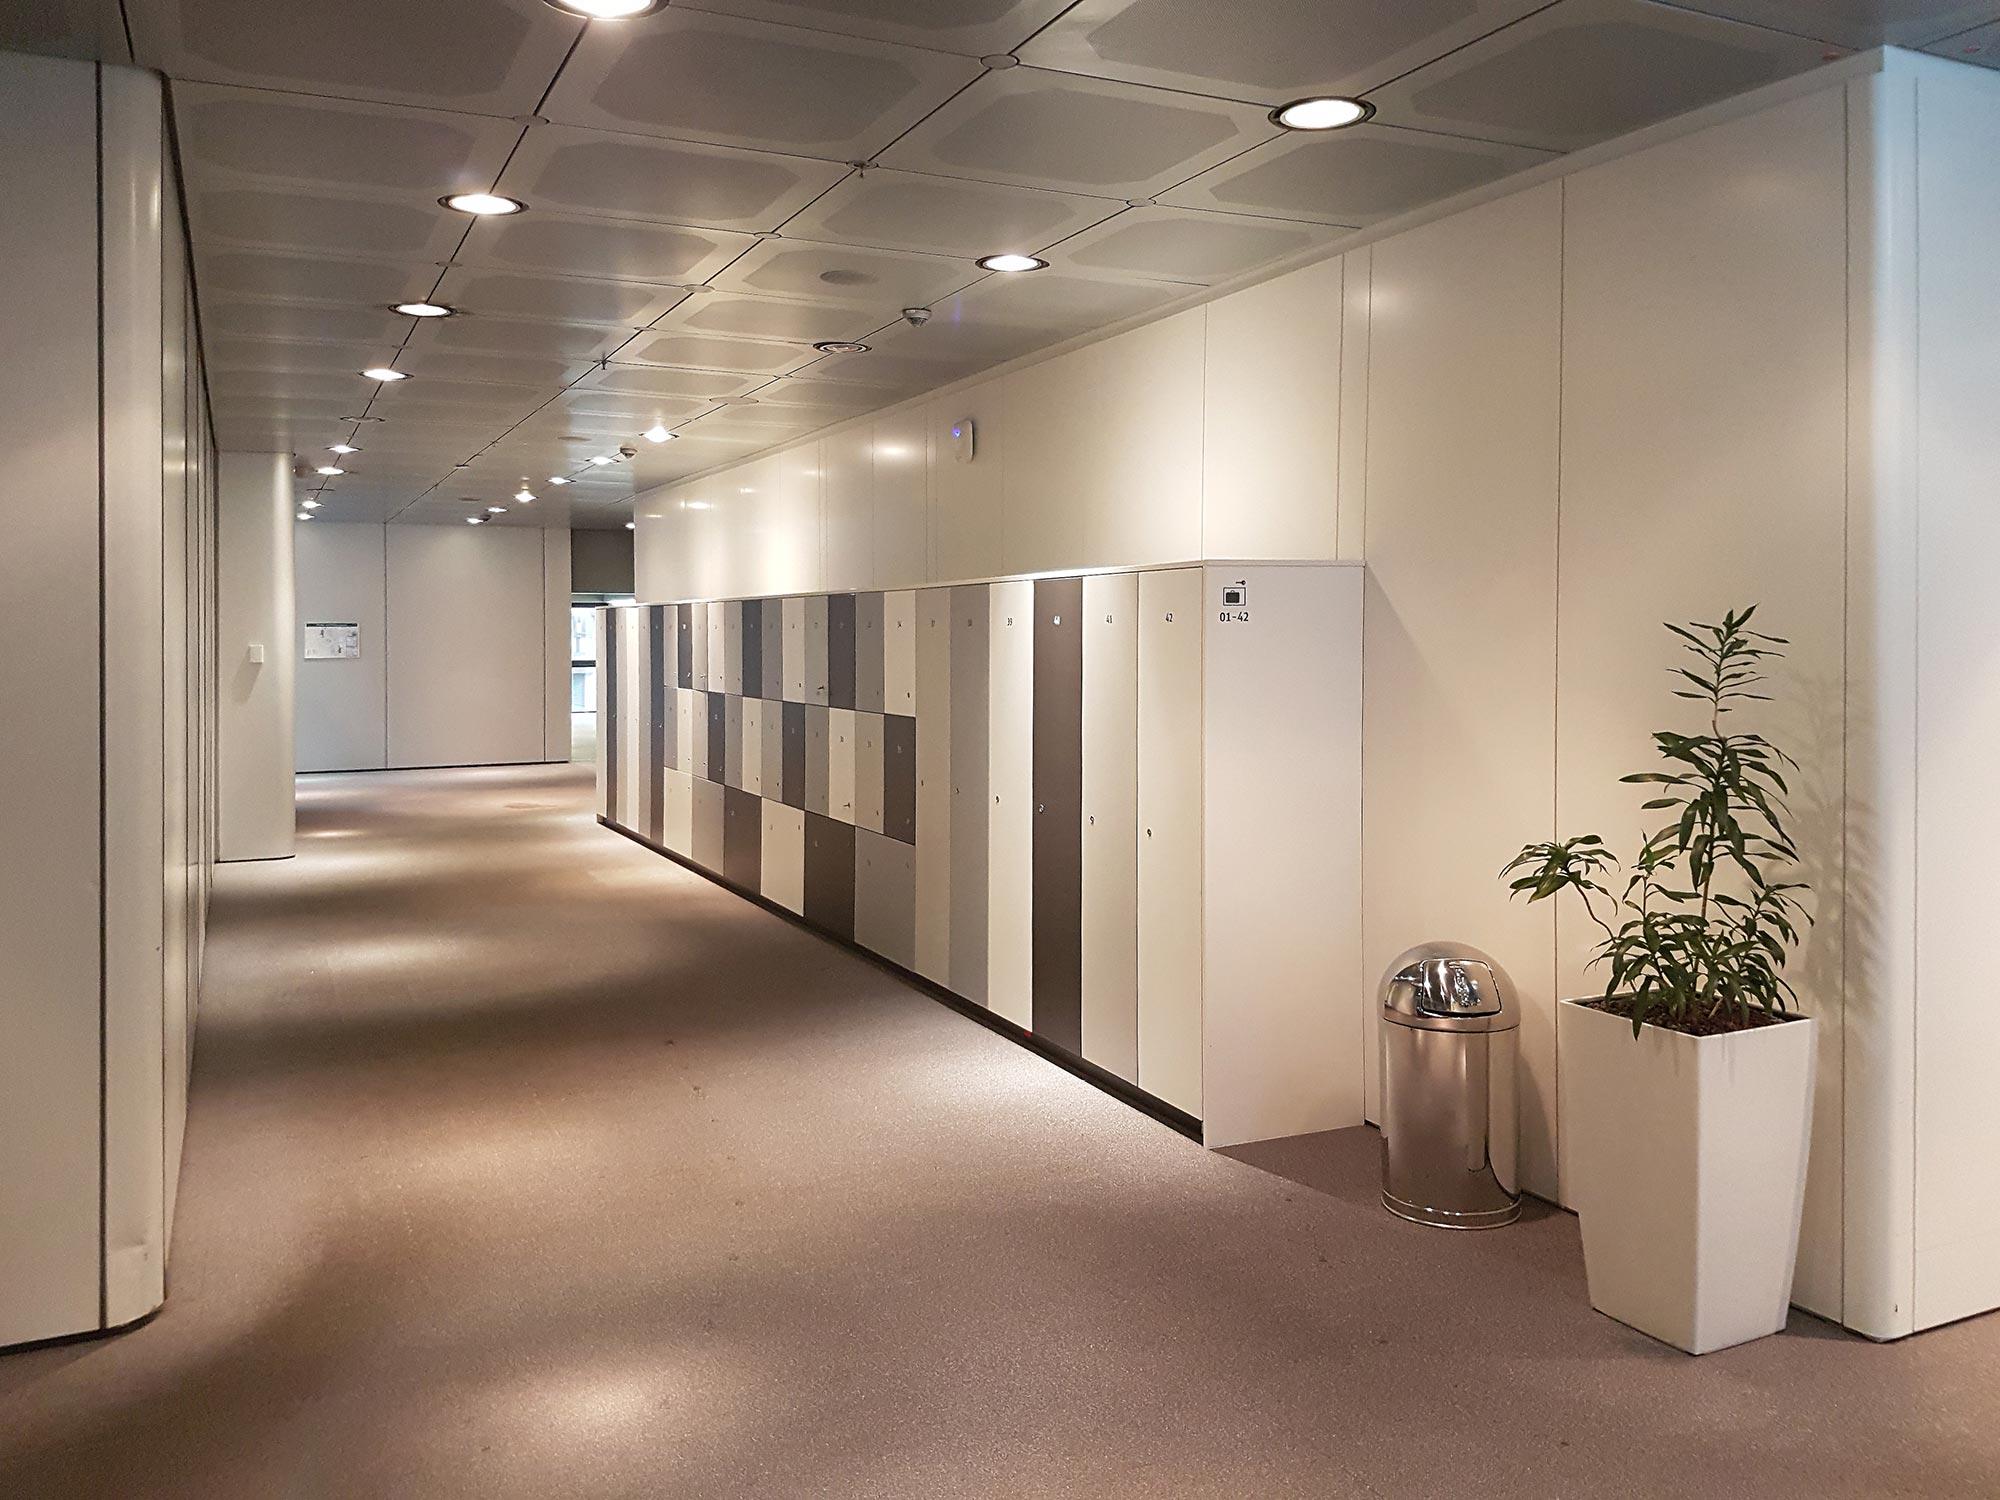 Hochhaus von innen - Büroetage - Büros Bahnhofsviertel - Frankfurt Silberturm der Deutsche Bahn AG